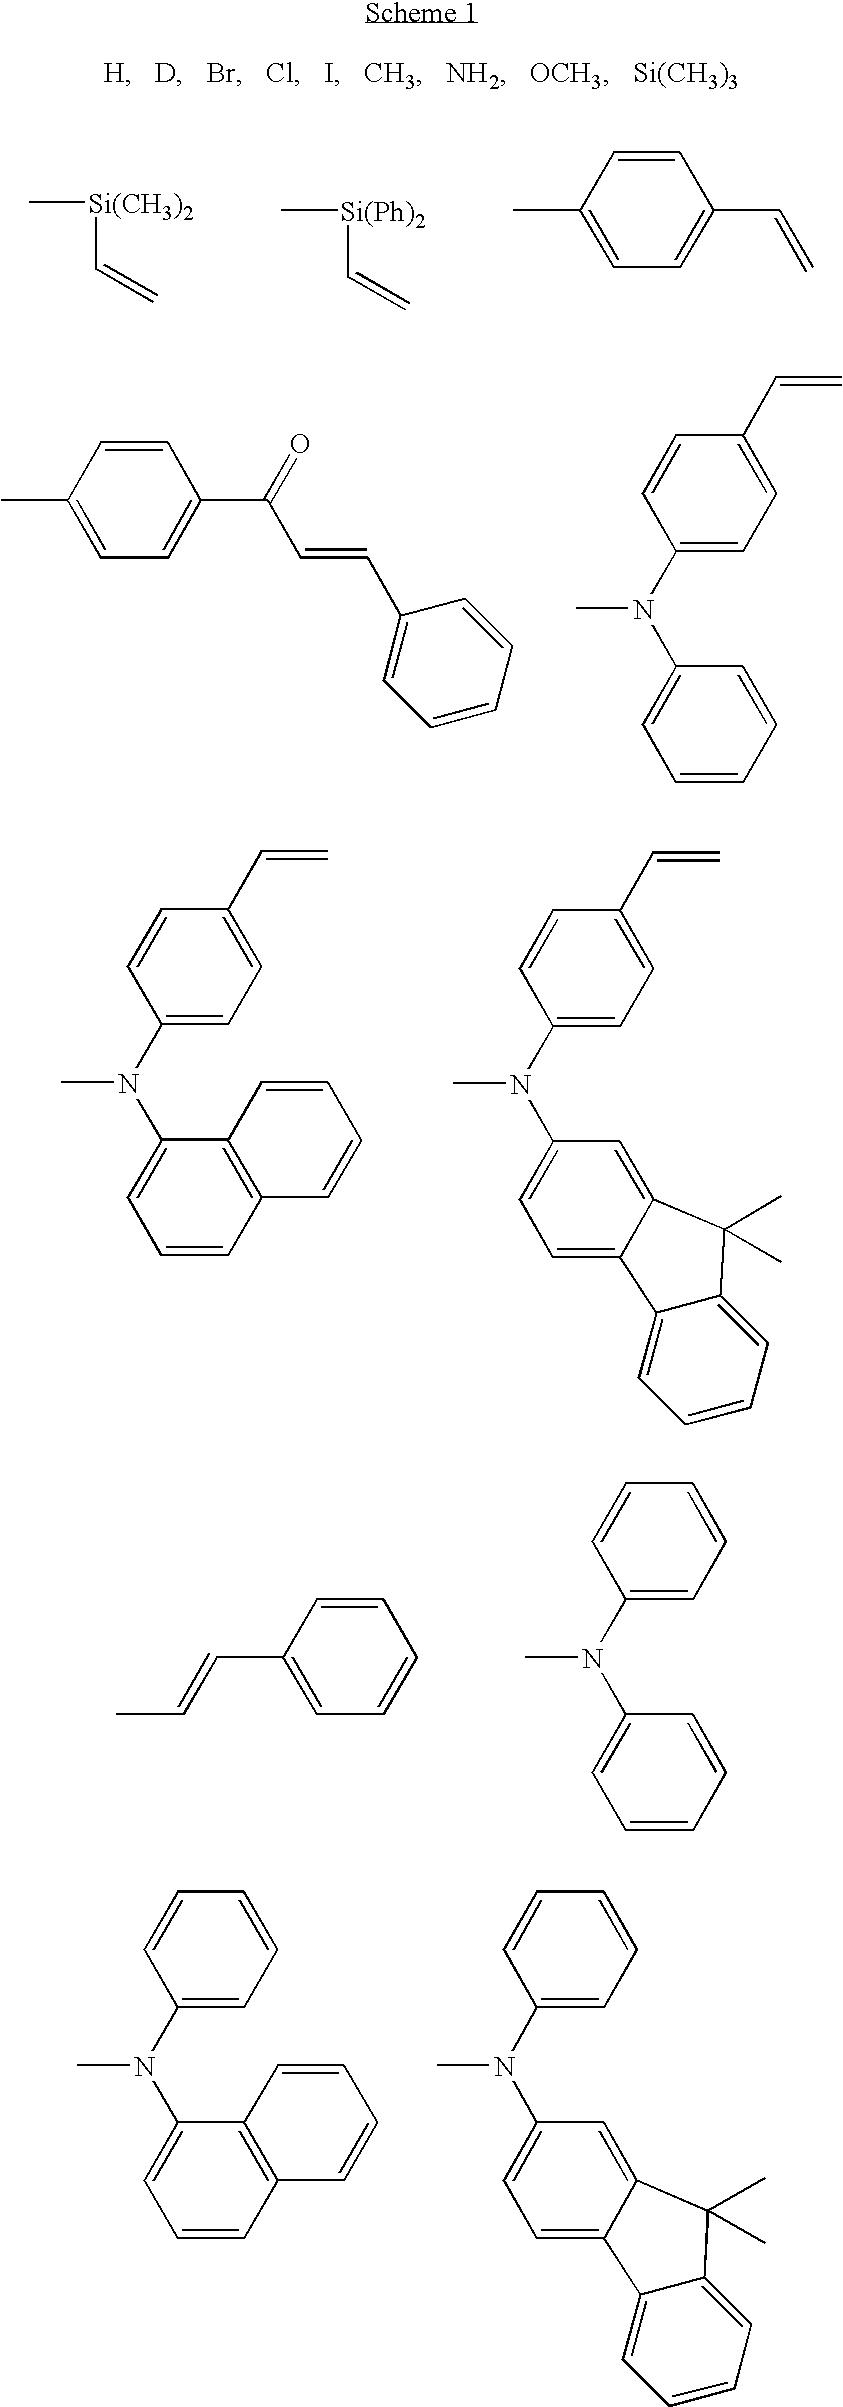 Figure US20040106004A1-20040603-C00007